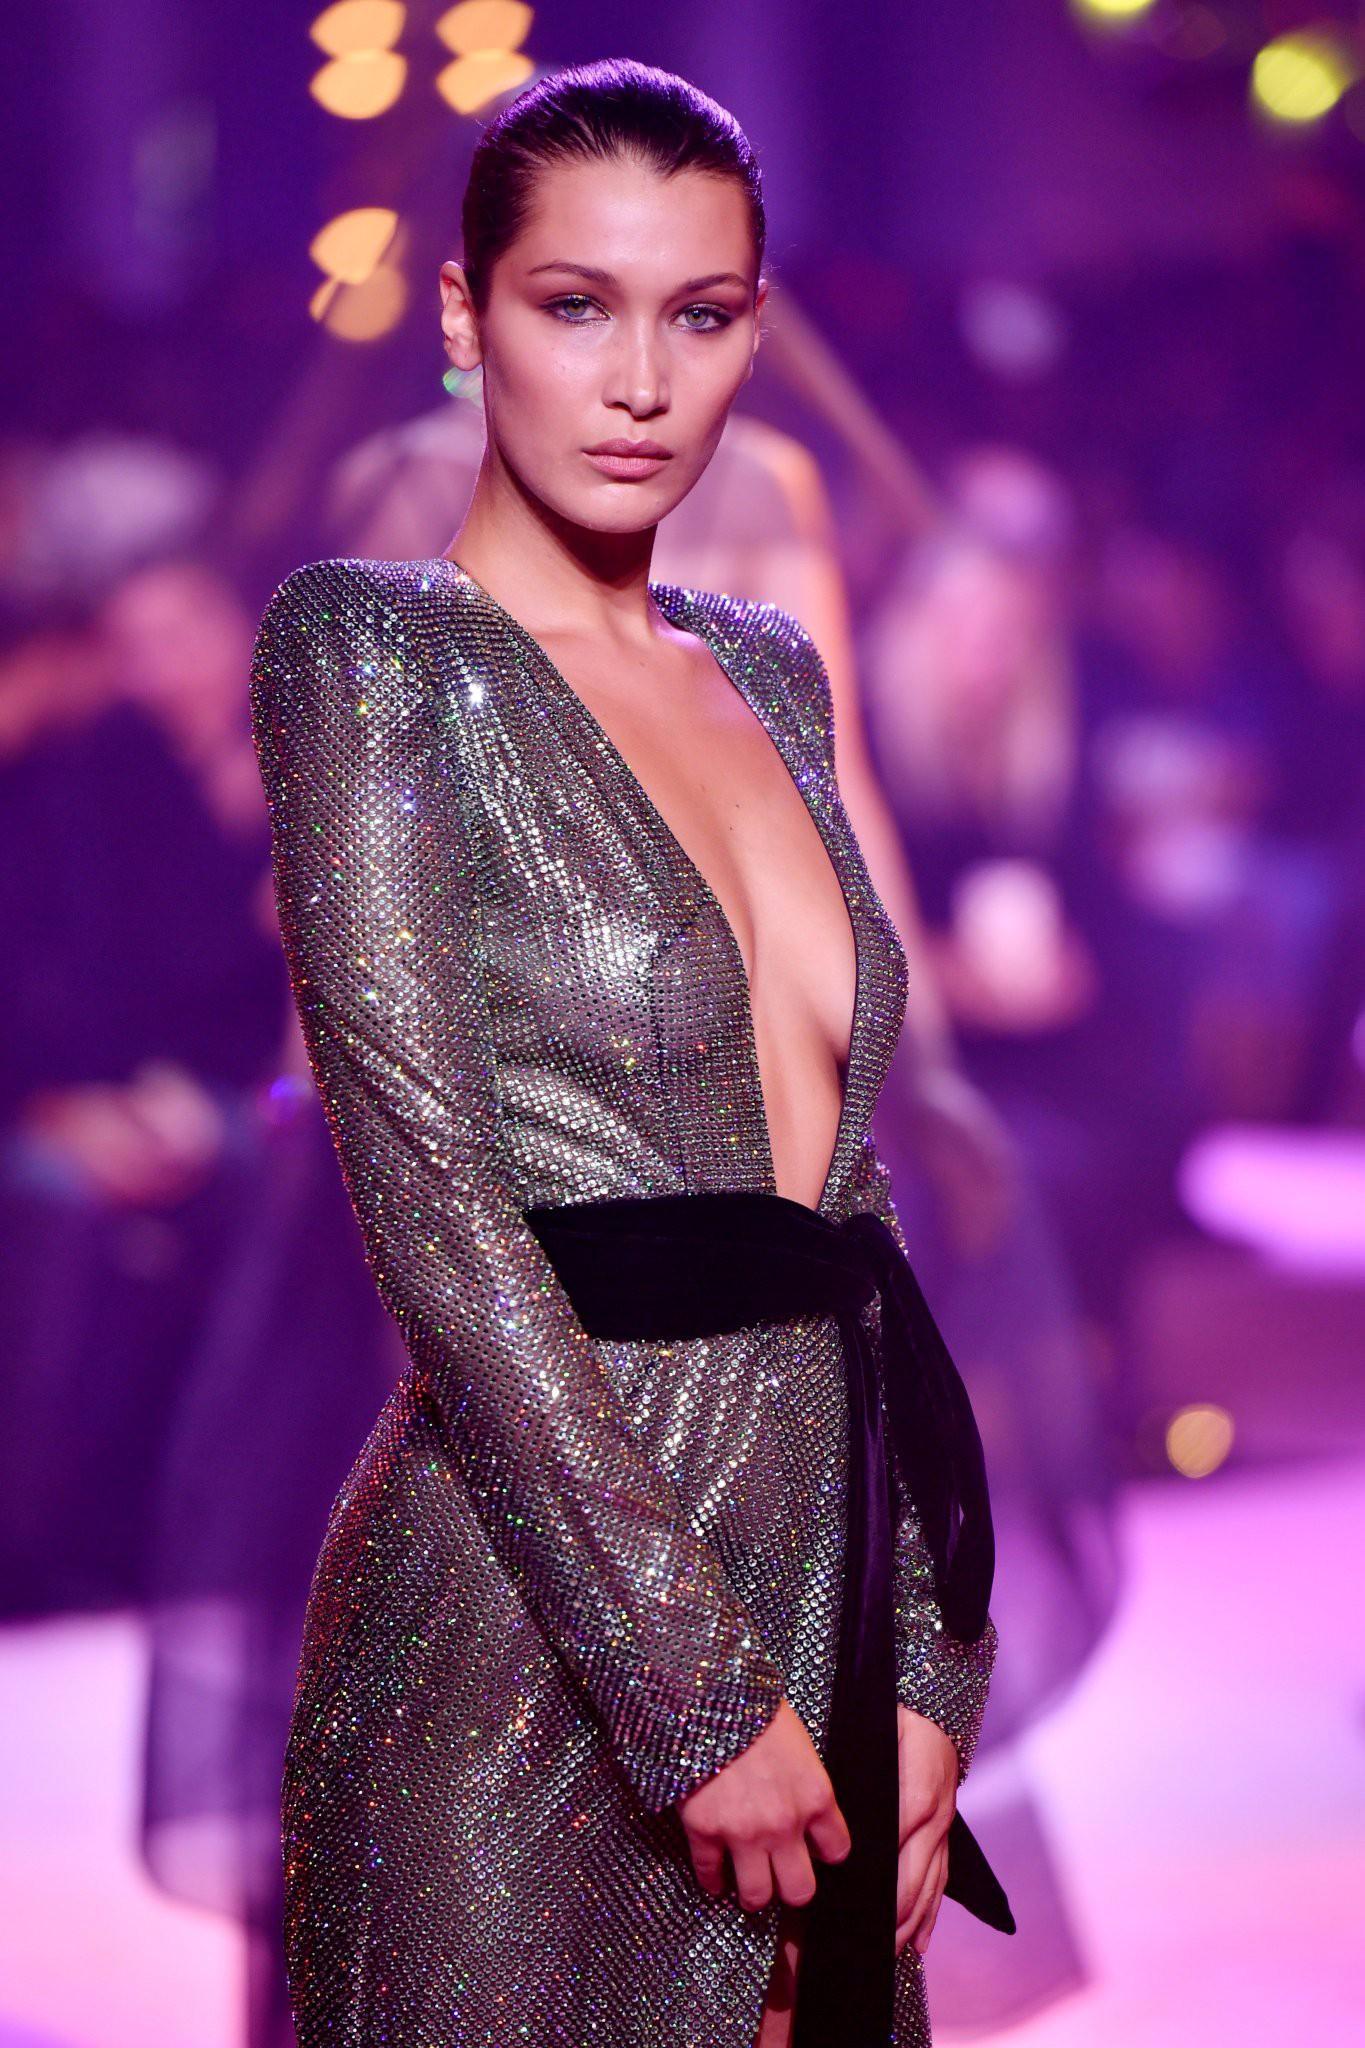 Oan gia ngõ hẹp: Selena Gomez vừa diện lại chiếc váy từng suýt làm Bella Hadid lộ hàng-4